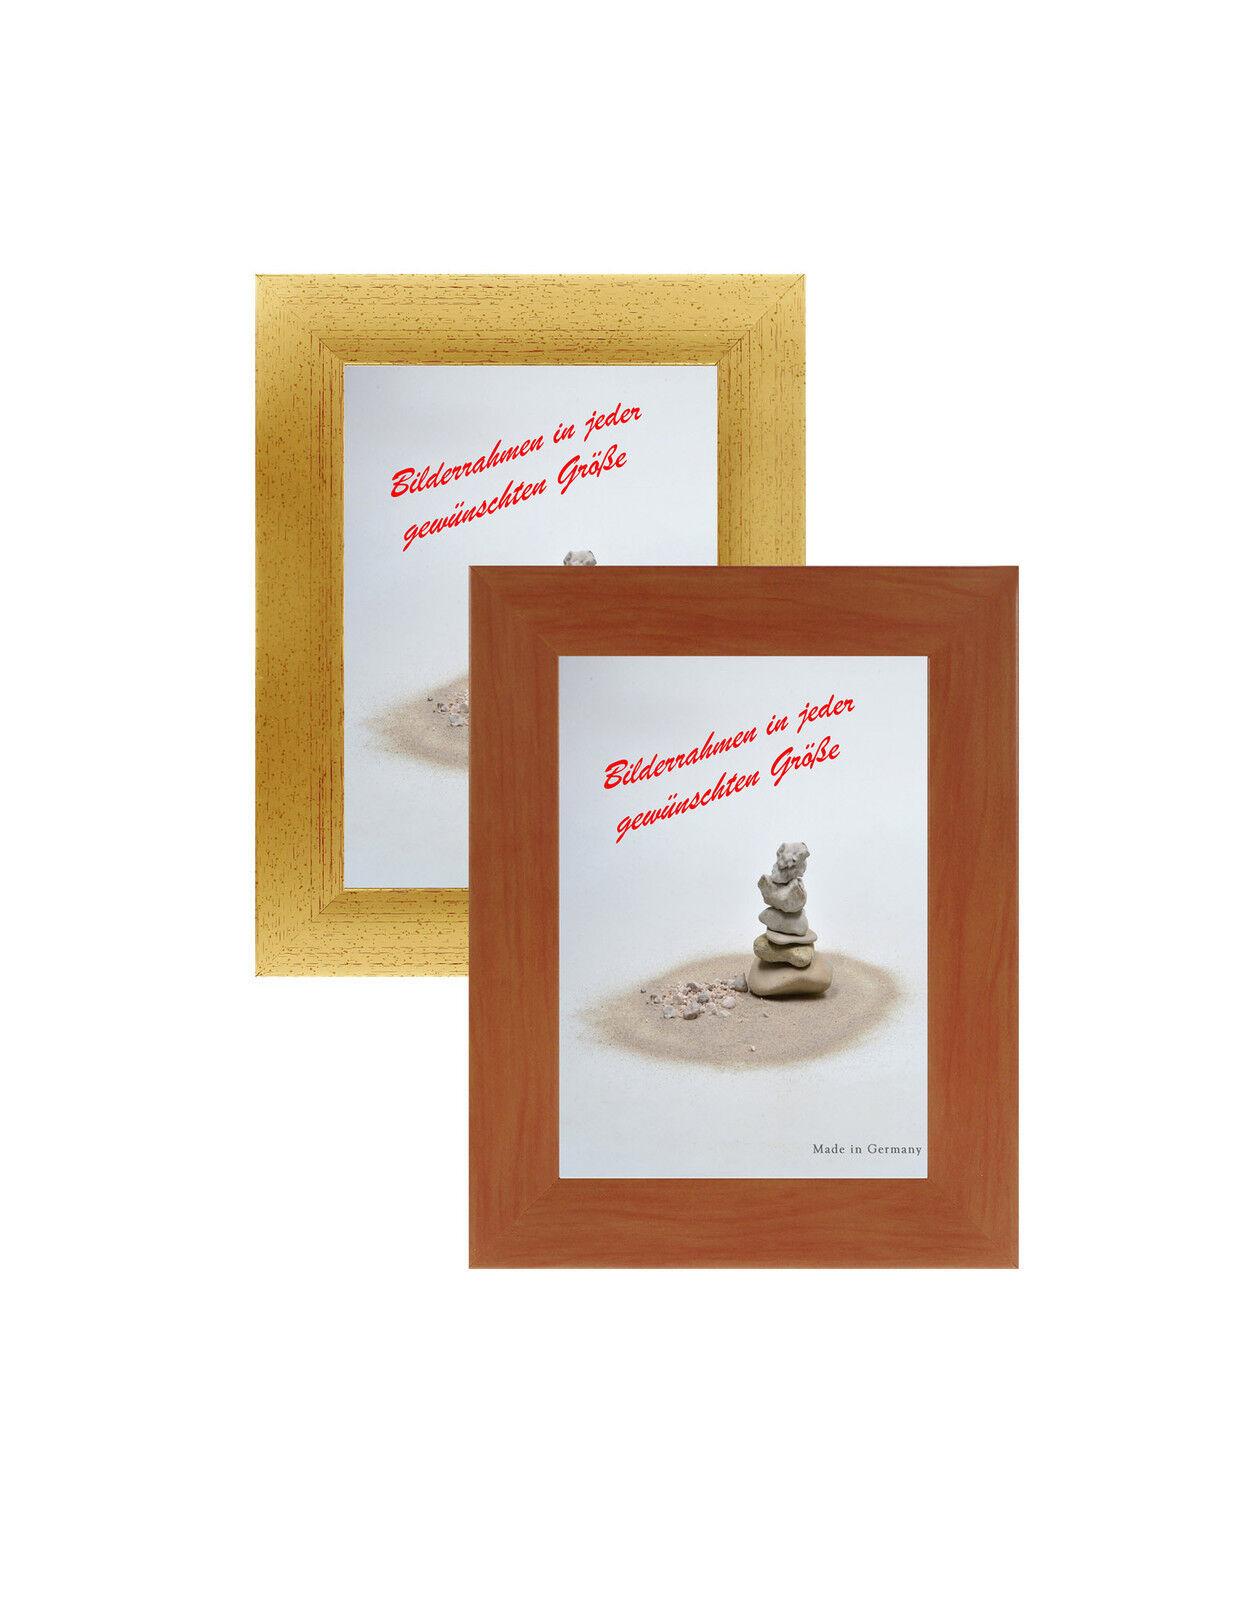 Marco de cuadro cuadro cuadro plástico con 2 especies de vidrio clásica barra de 109 marrón, oro 85e744